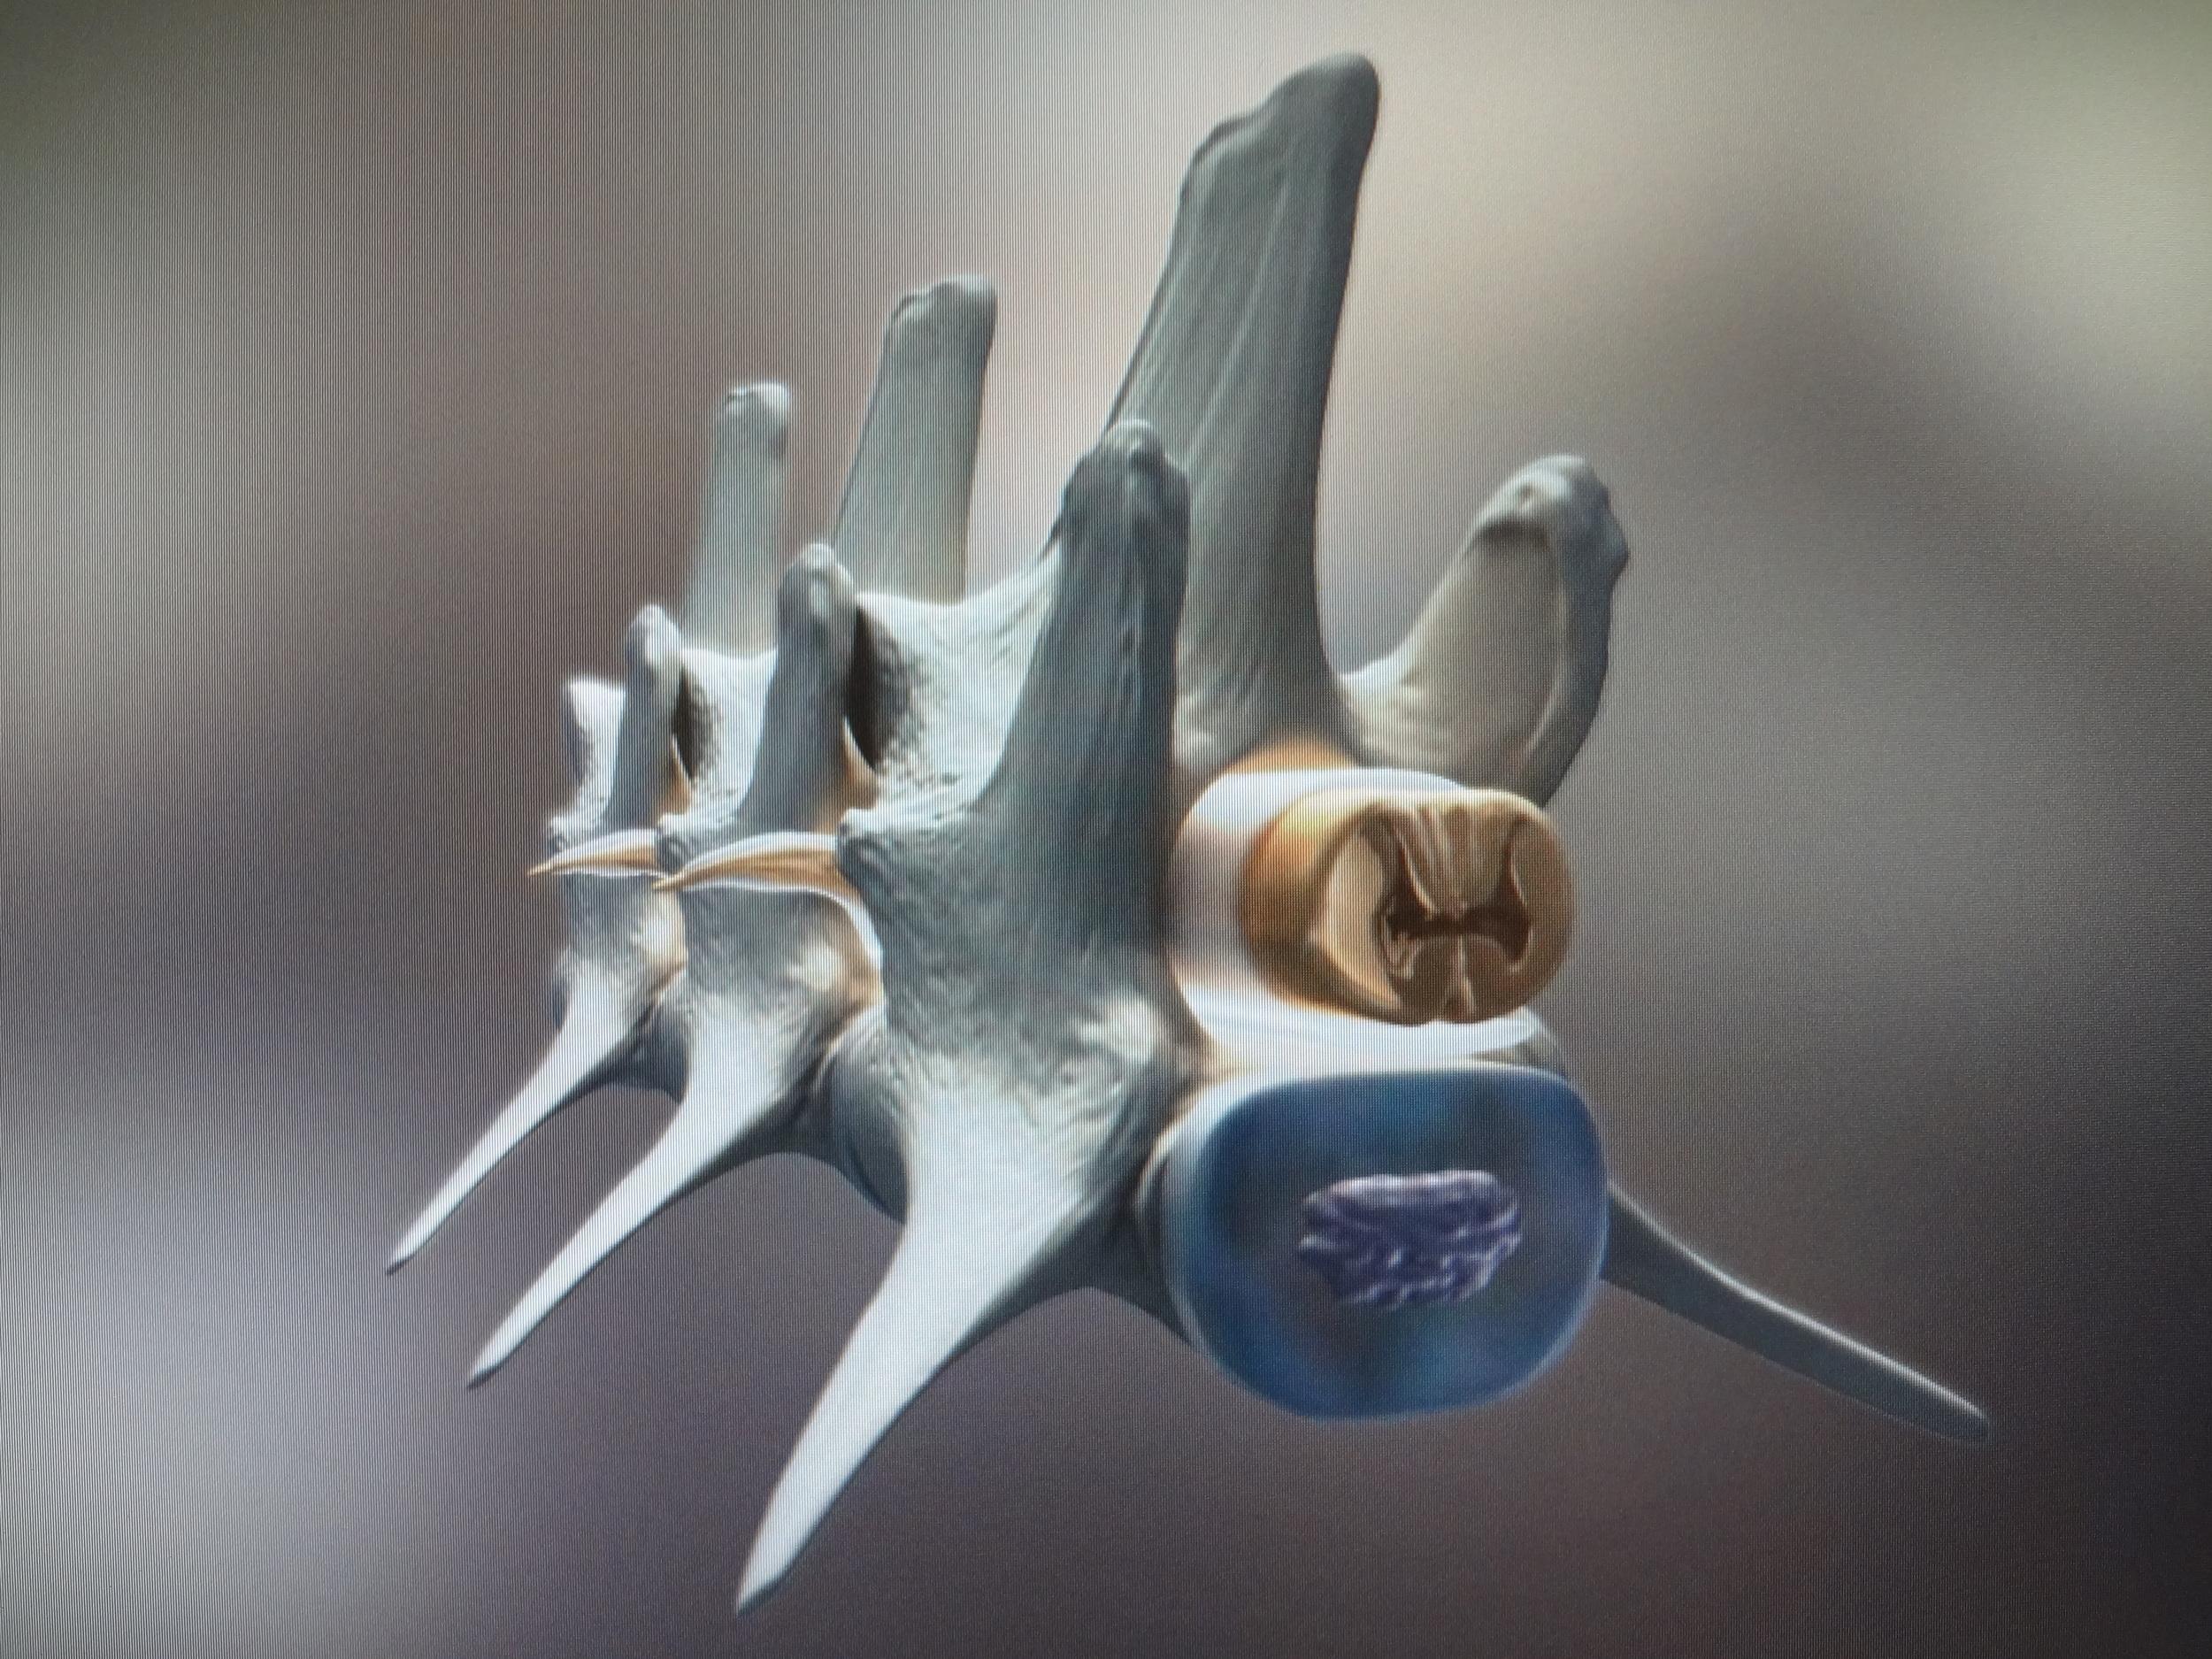 DIA: Intervertebral disc